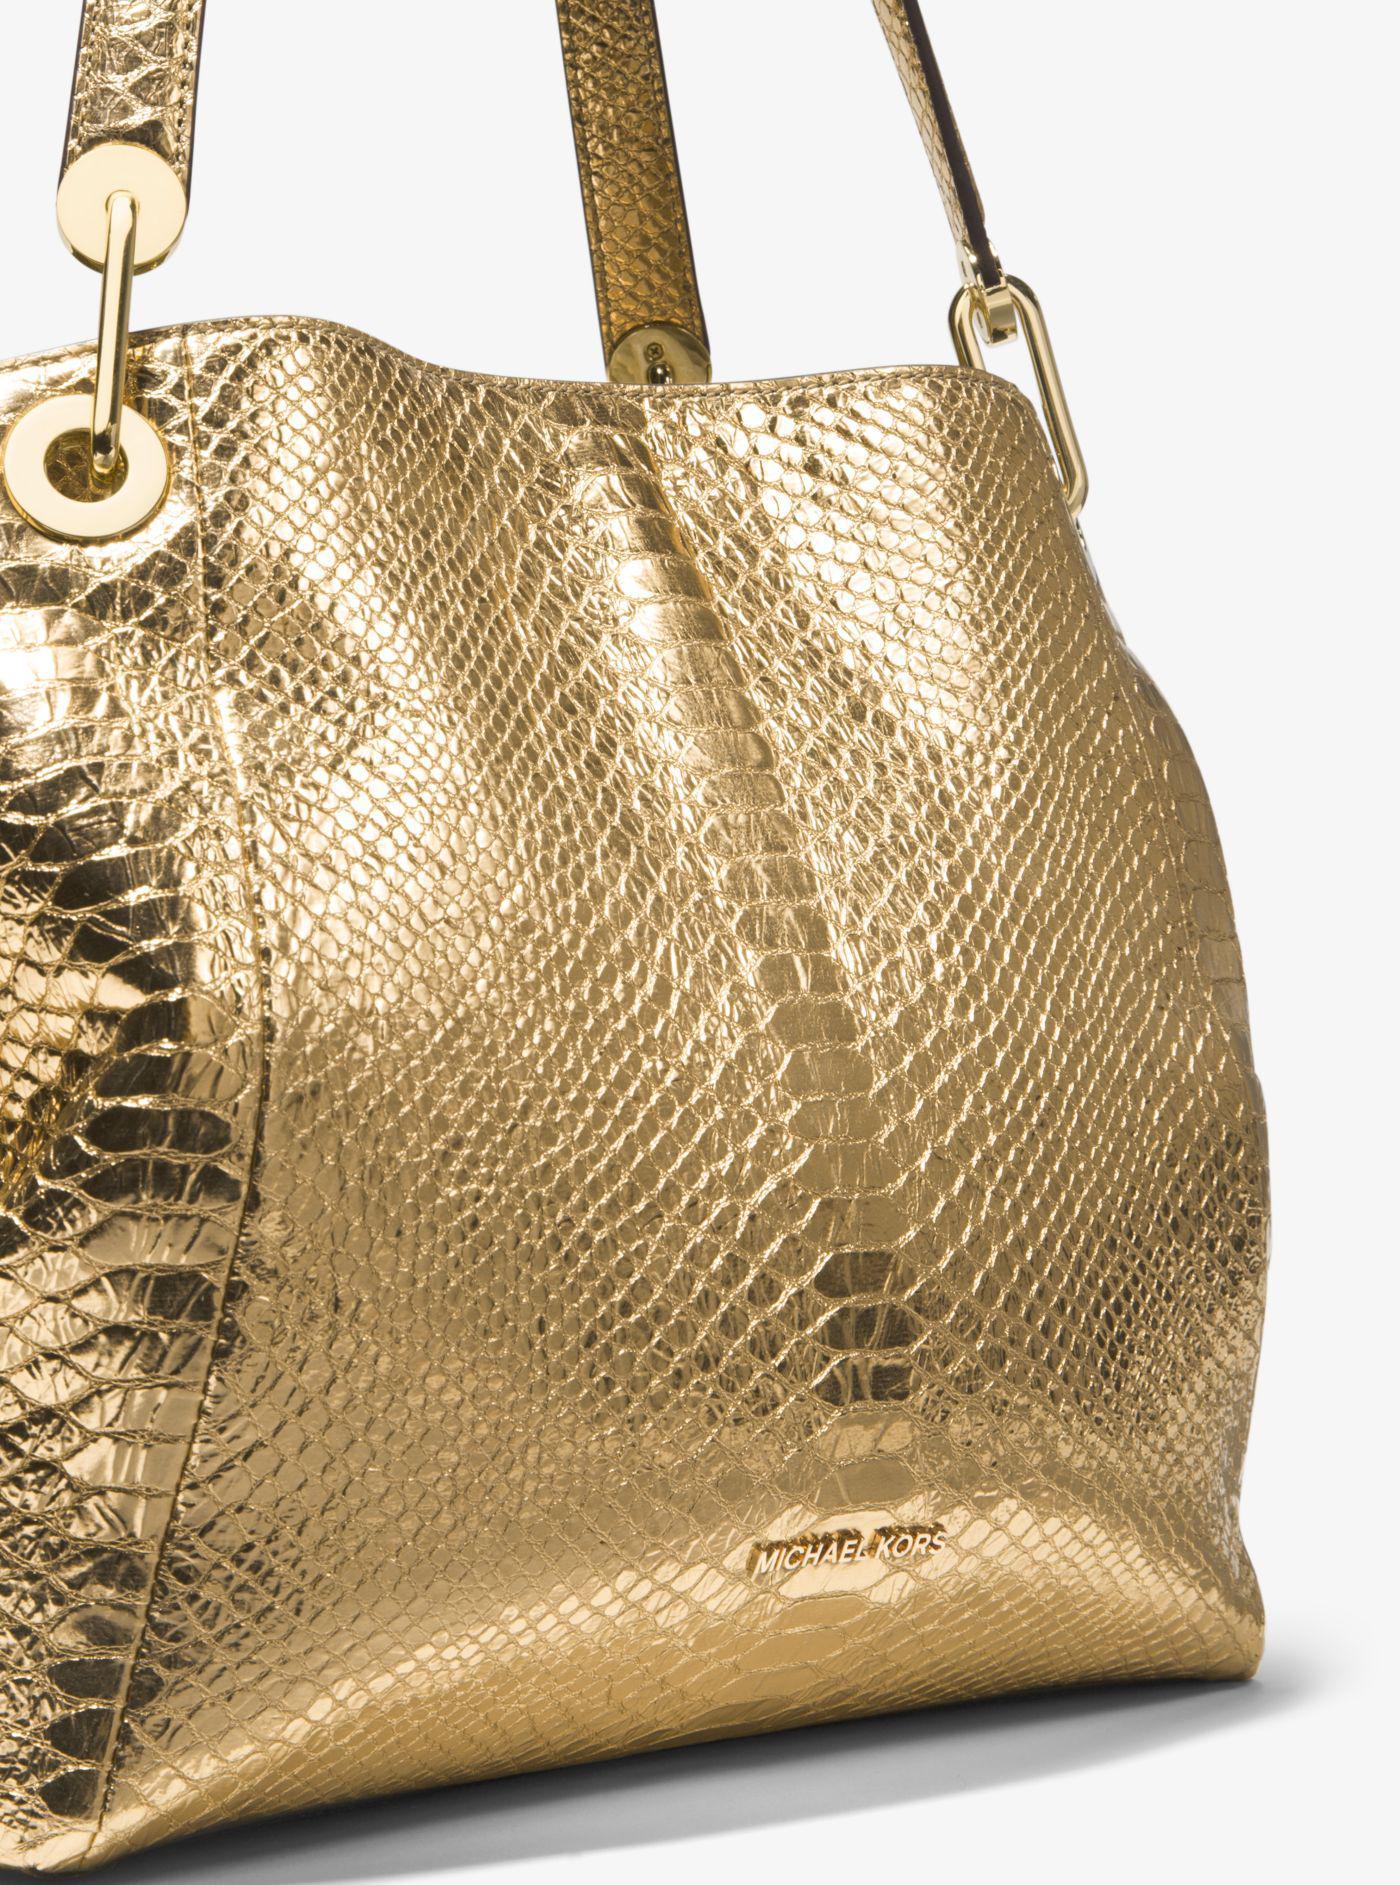 0a1f7274d3d6 Michael Kors Raven Metallic Snake-embossed-leather Shoulder Bag in ...